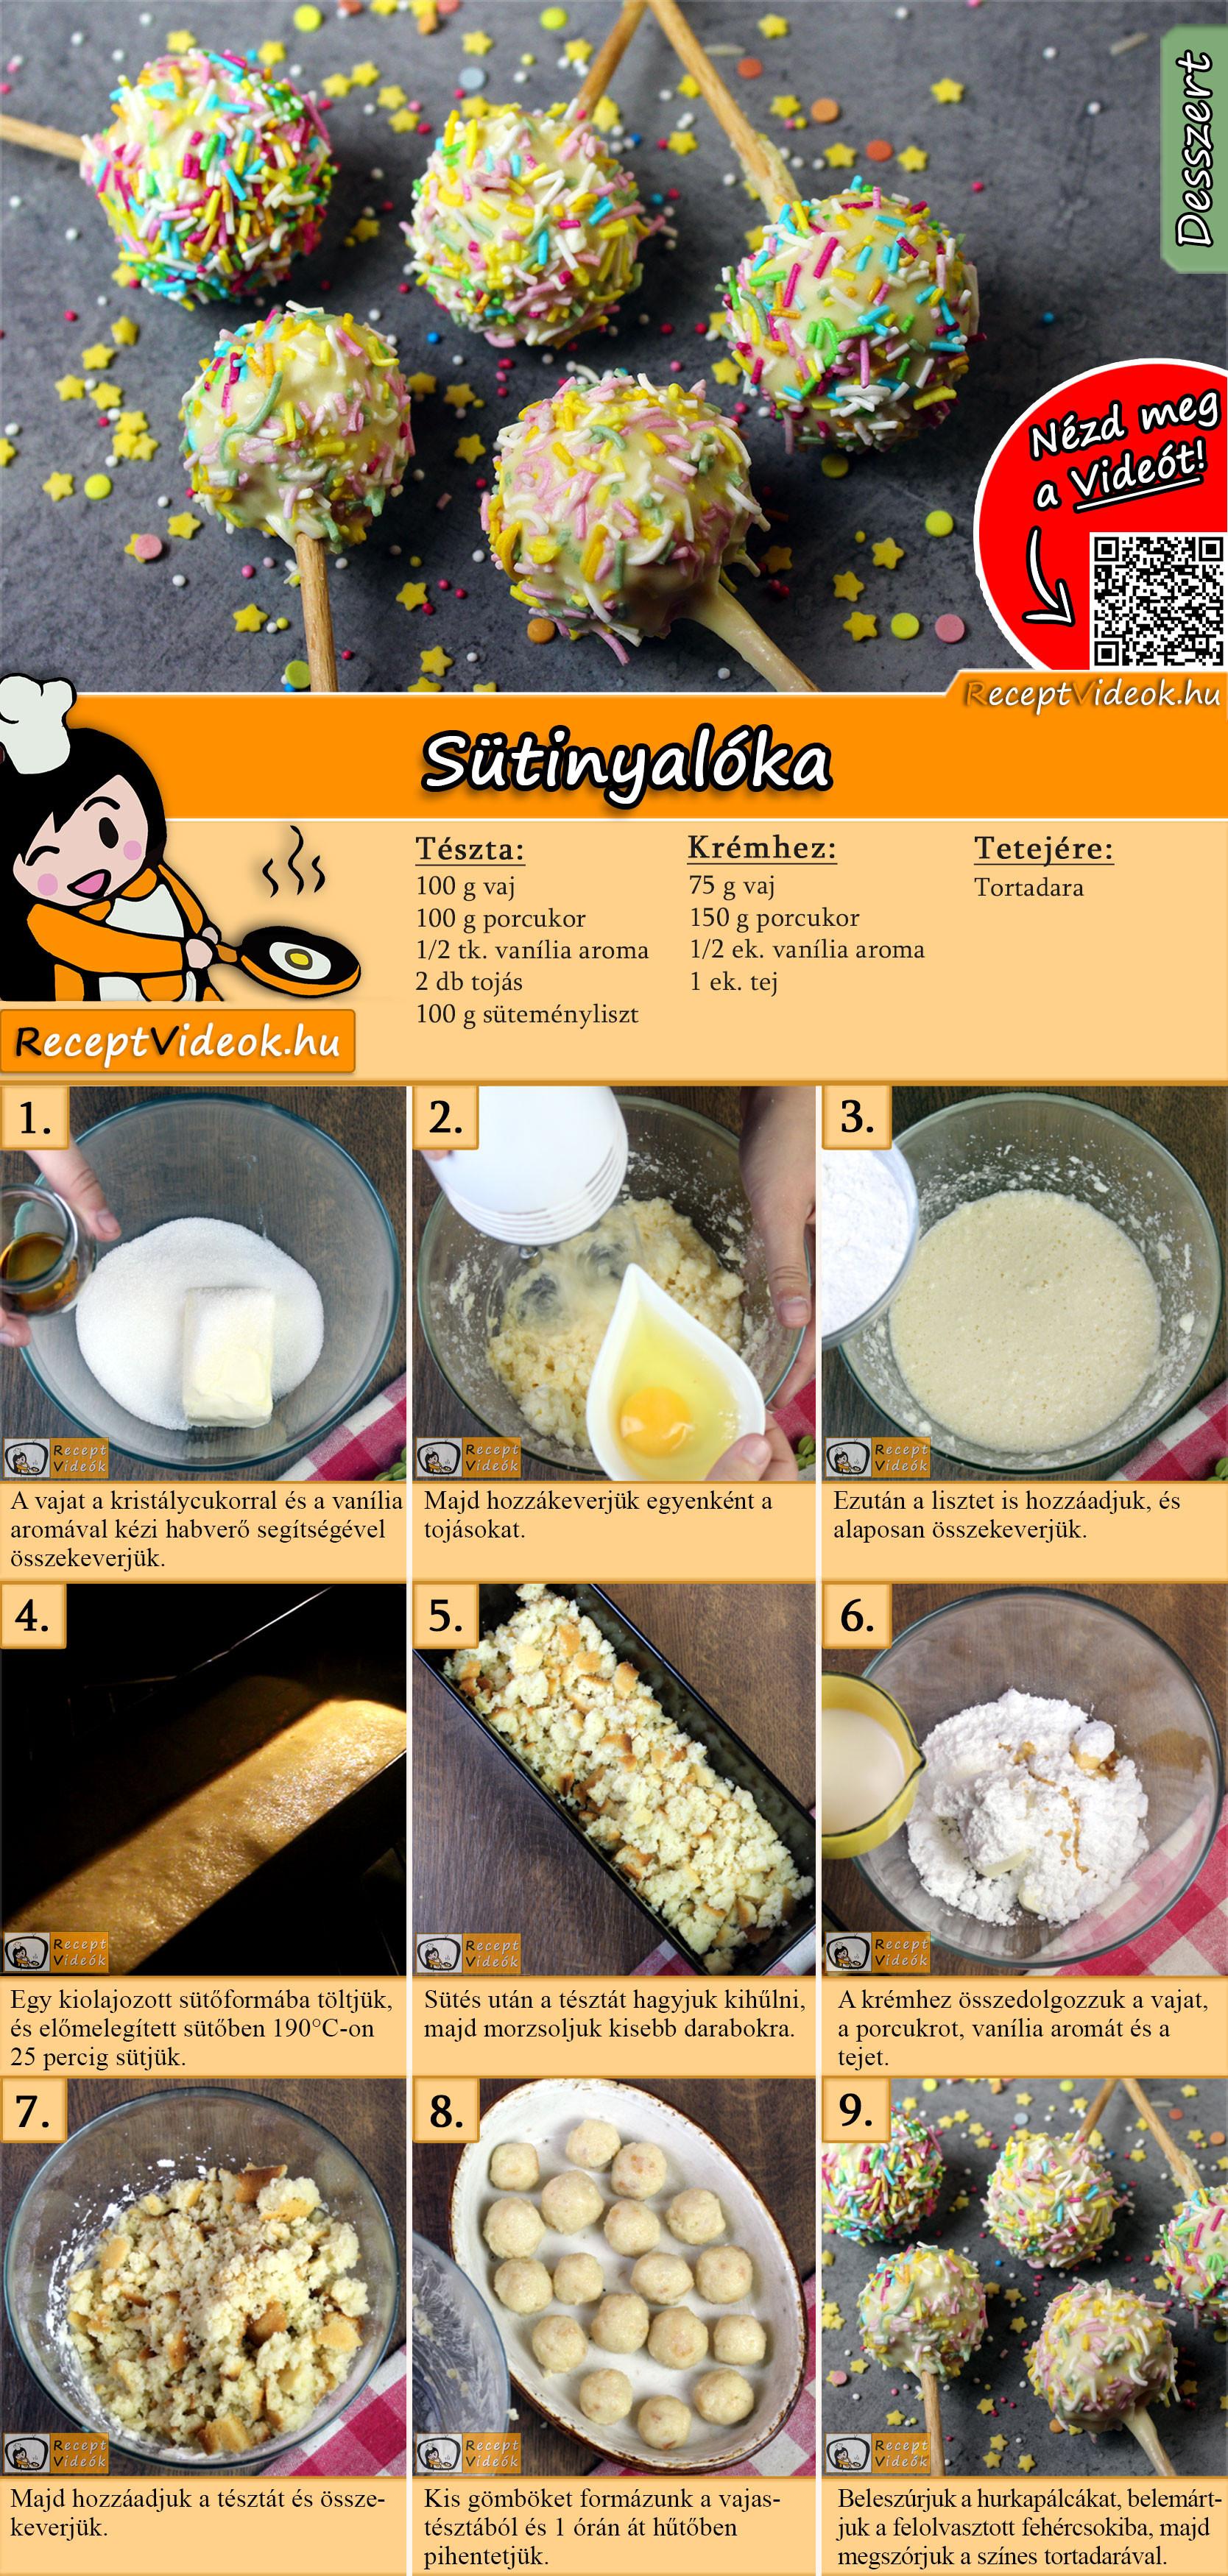 Sütinyalóka recept elkészítése videóval